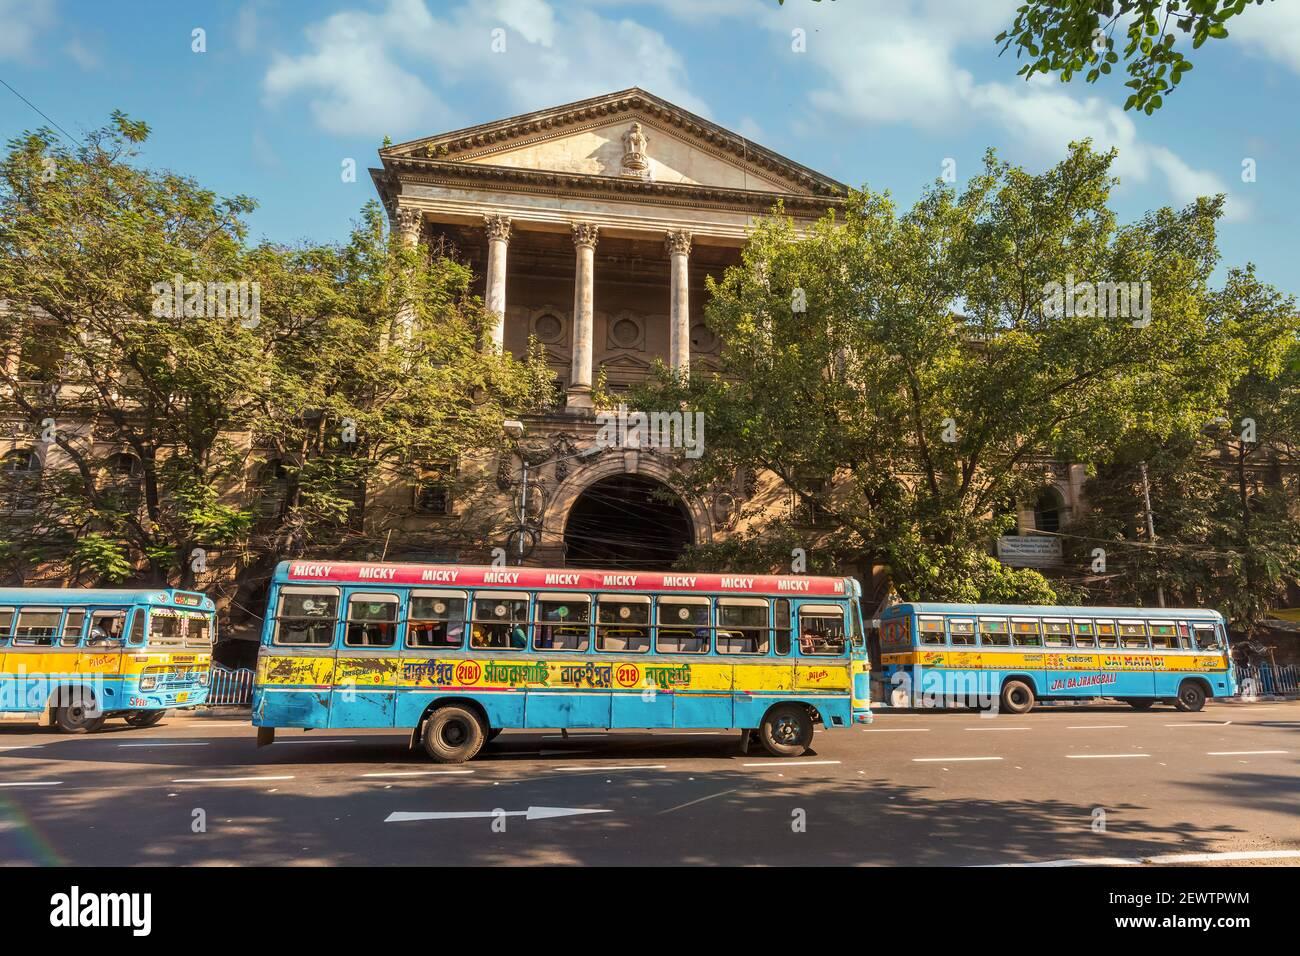 Autobuses de transporte público en la carretera de la ciudad frente a la antigua Patrimonio edificio del Gobierno en la zona de Dalhousie de Kolkata Foto de stock